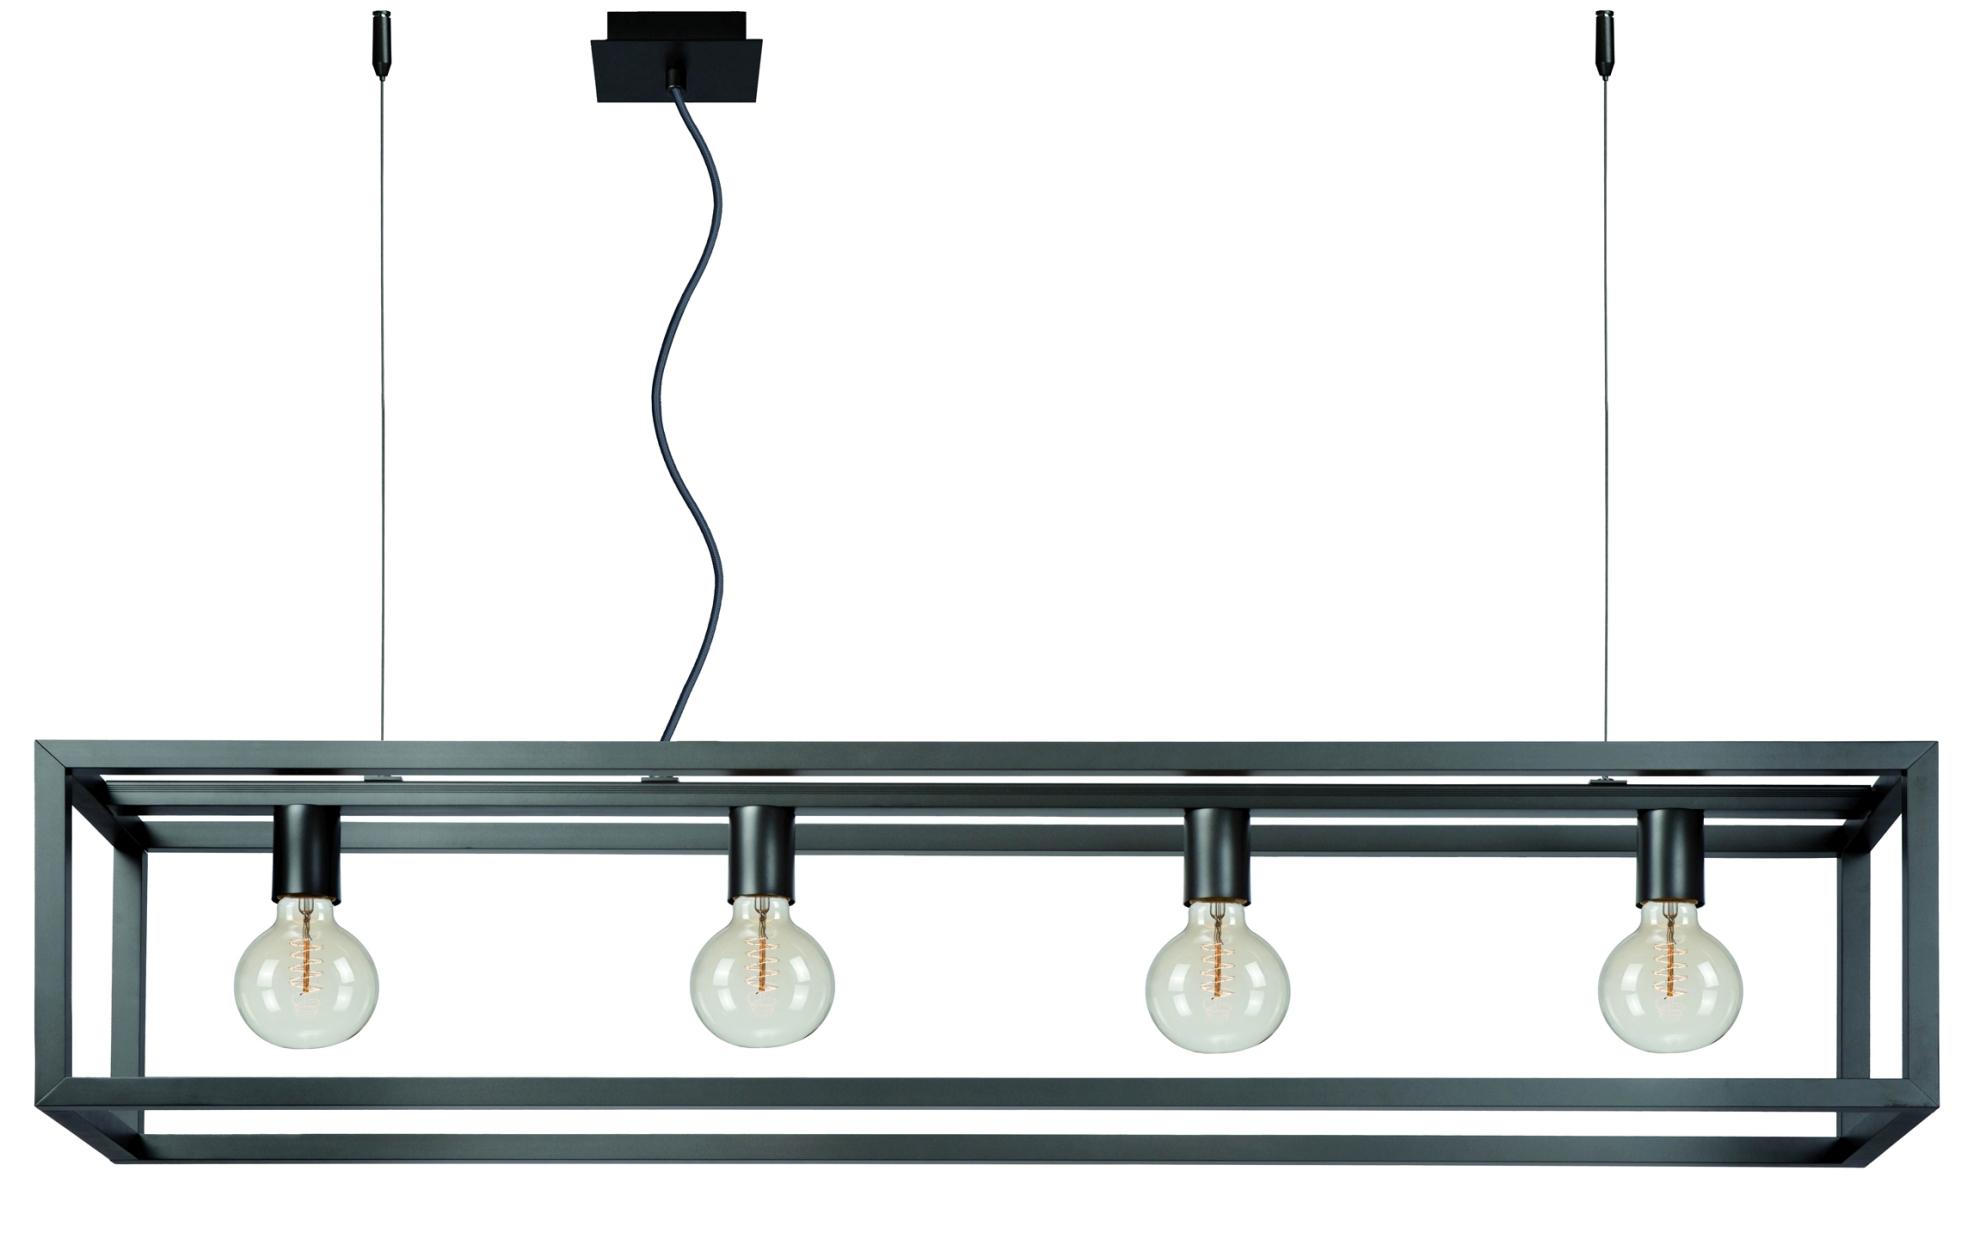 Hanglamp oris kopen? : Online Internetwinkel